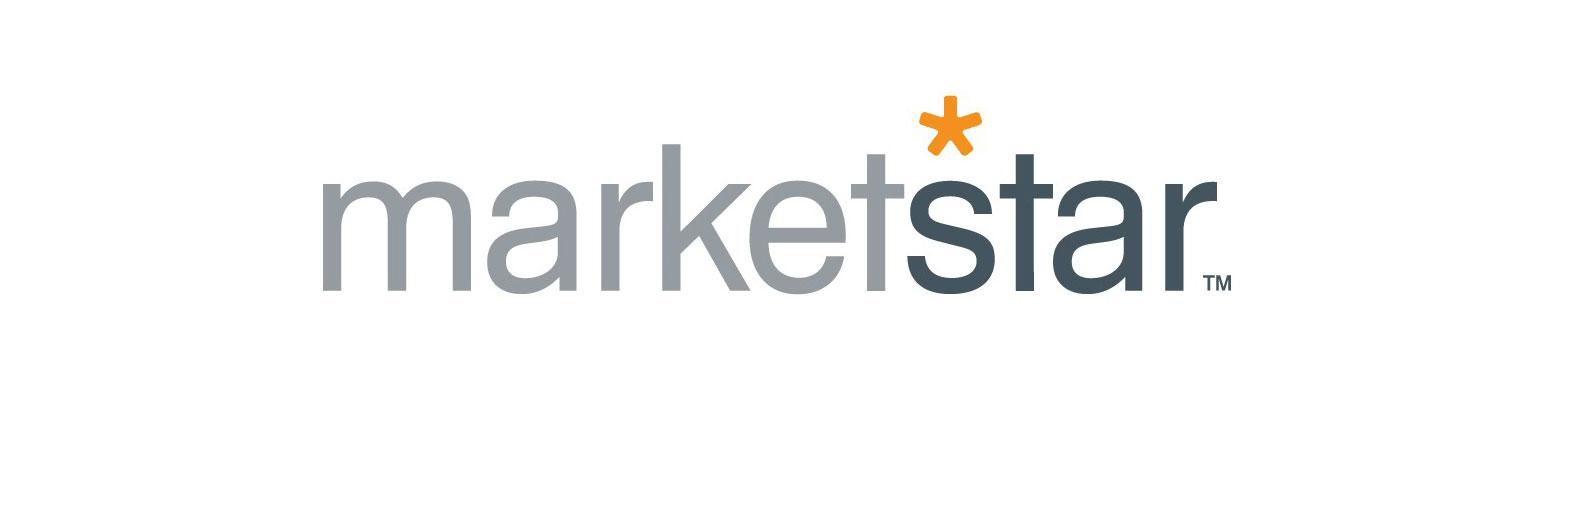 Company Logo MarketStar